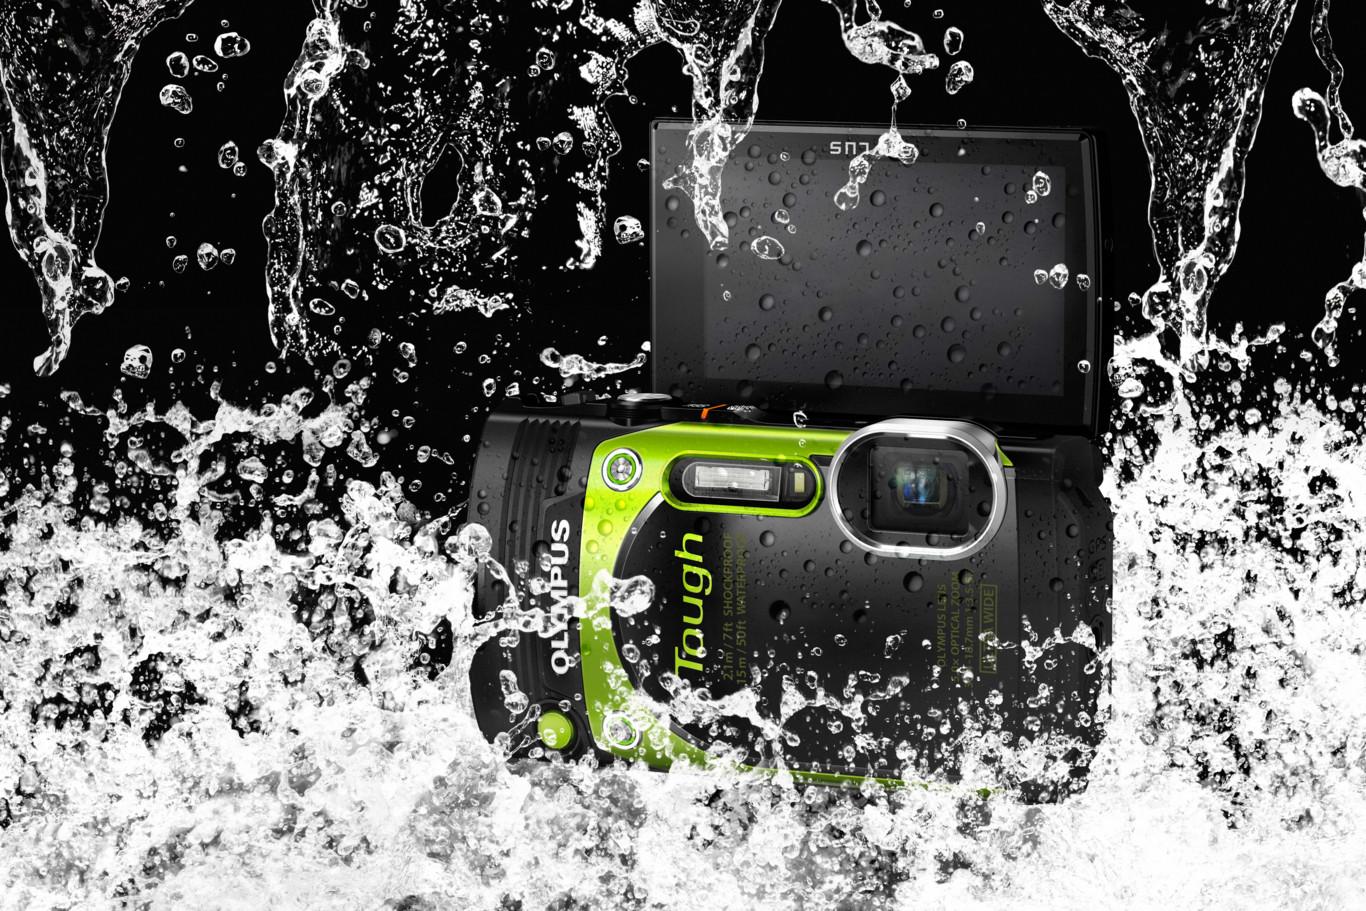 Olympus Tough TG-870, nueva compacta resistente, con angular de 21 mm y Full HD